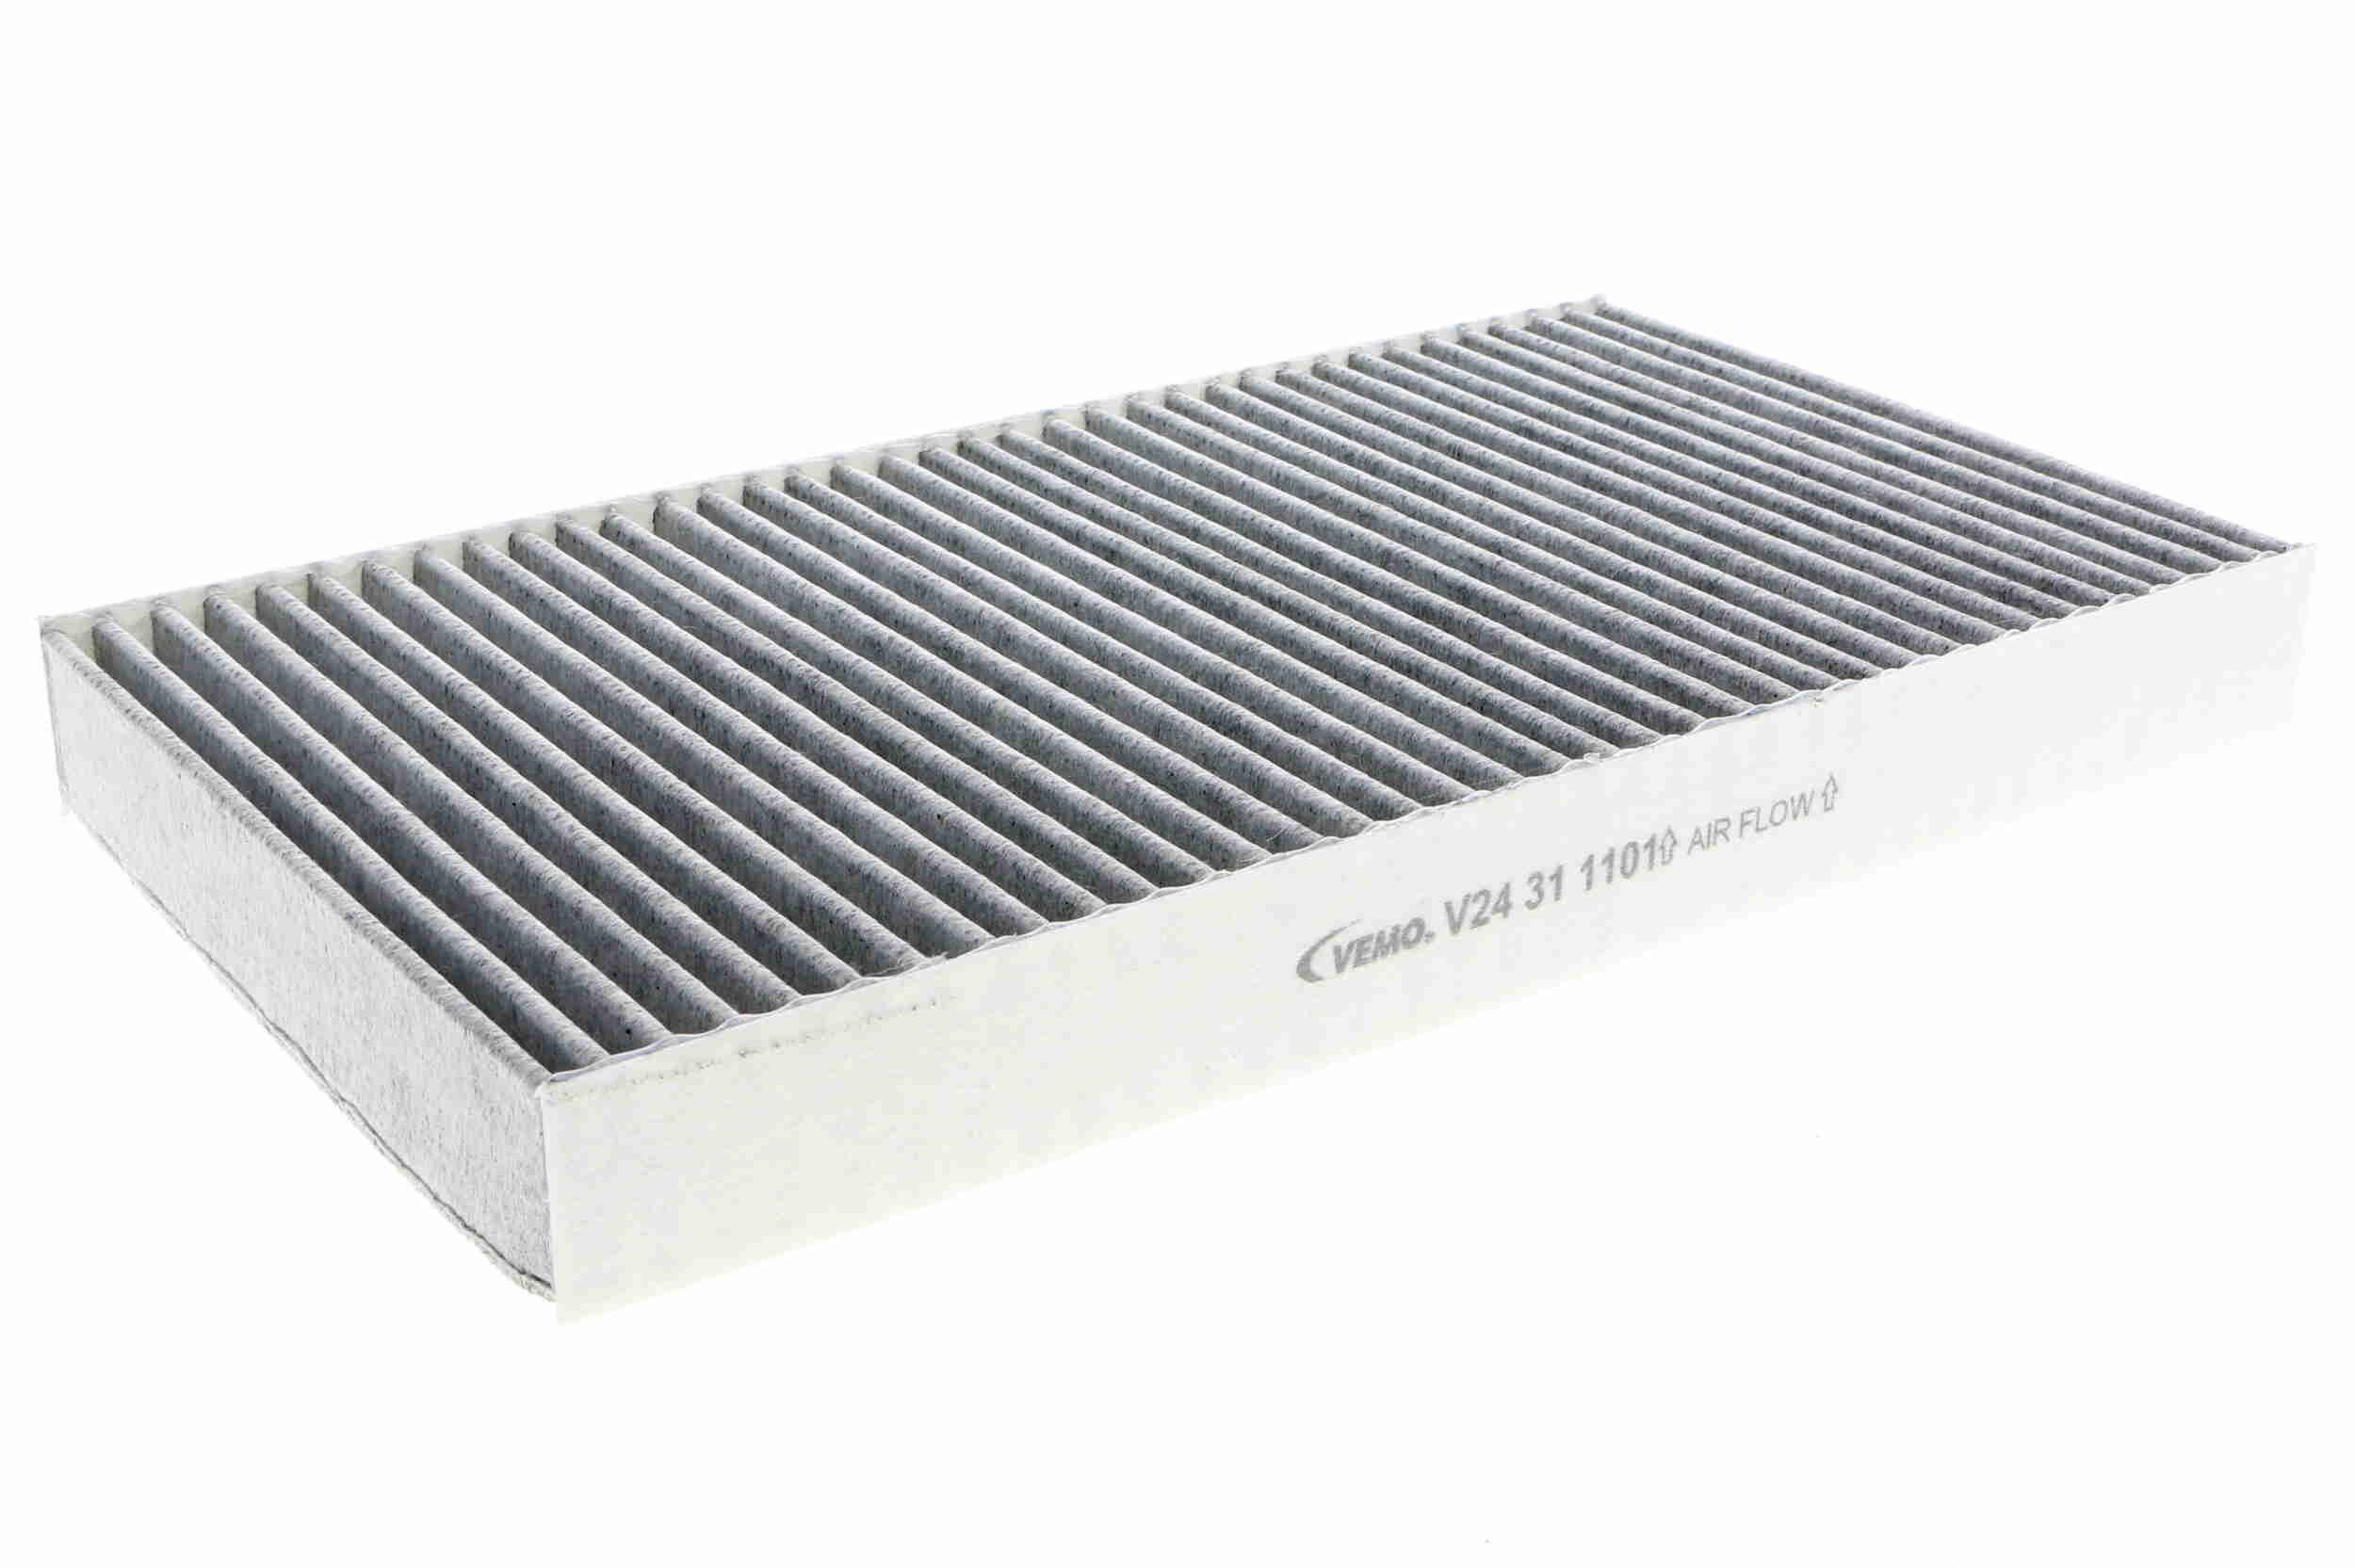 Comprare V24-31-1101 VEMO Original Quality Filtro al carbone attivo Largh.: 160mm, Alt.: 30mm, Lunghezza: 288mm Filtro, Aria abitacolo V24-31-1101 poco costoso